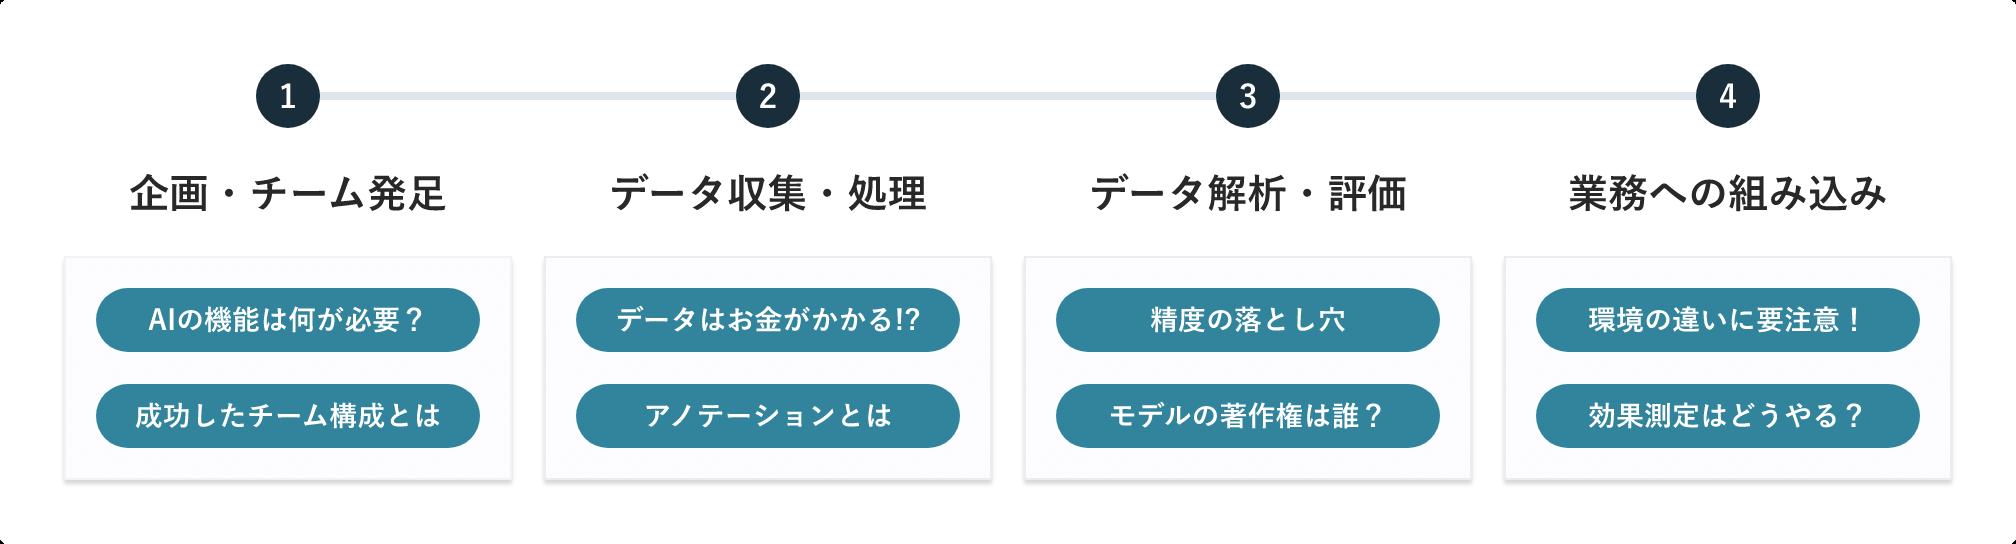 AIプロジェクトの推進手順